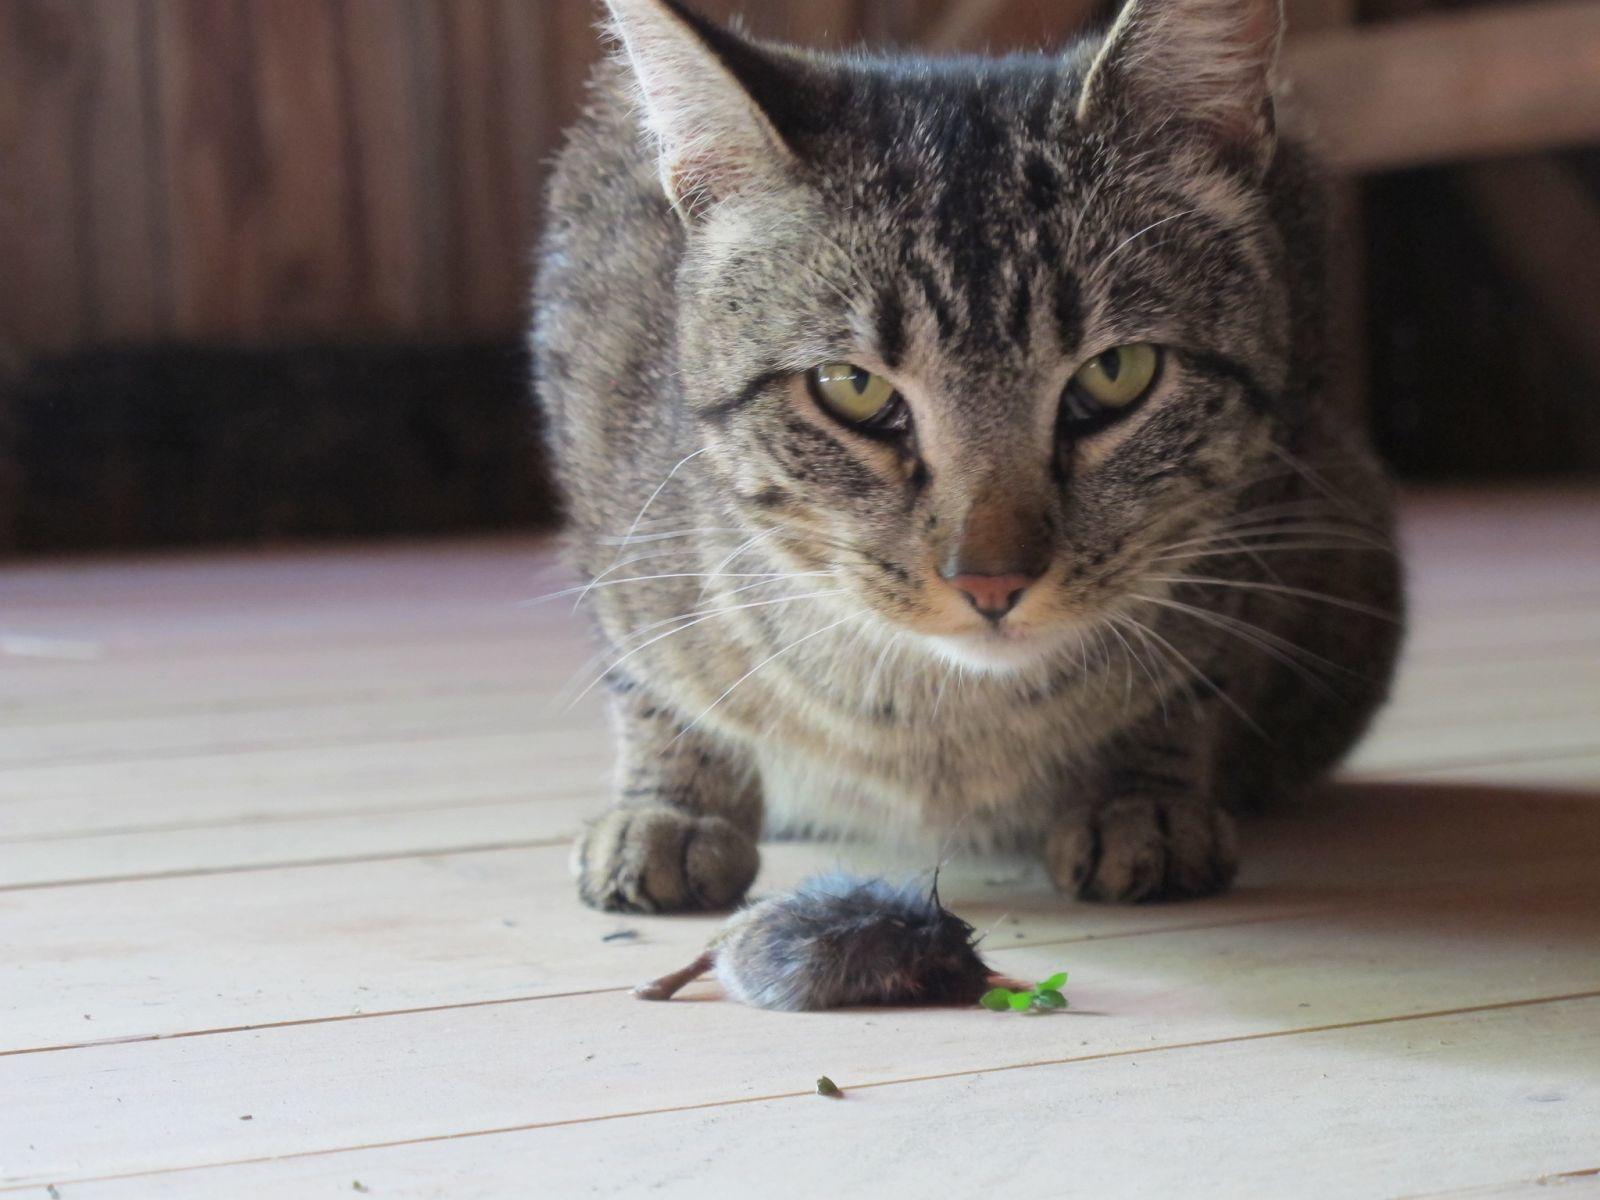 Употребление в пищу зараженных тканей крыс, мышей, либо диких животных ведет к бешенству